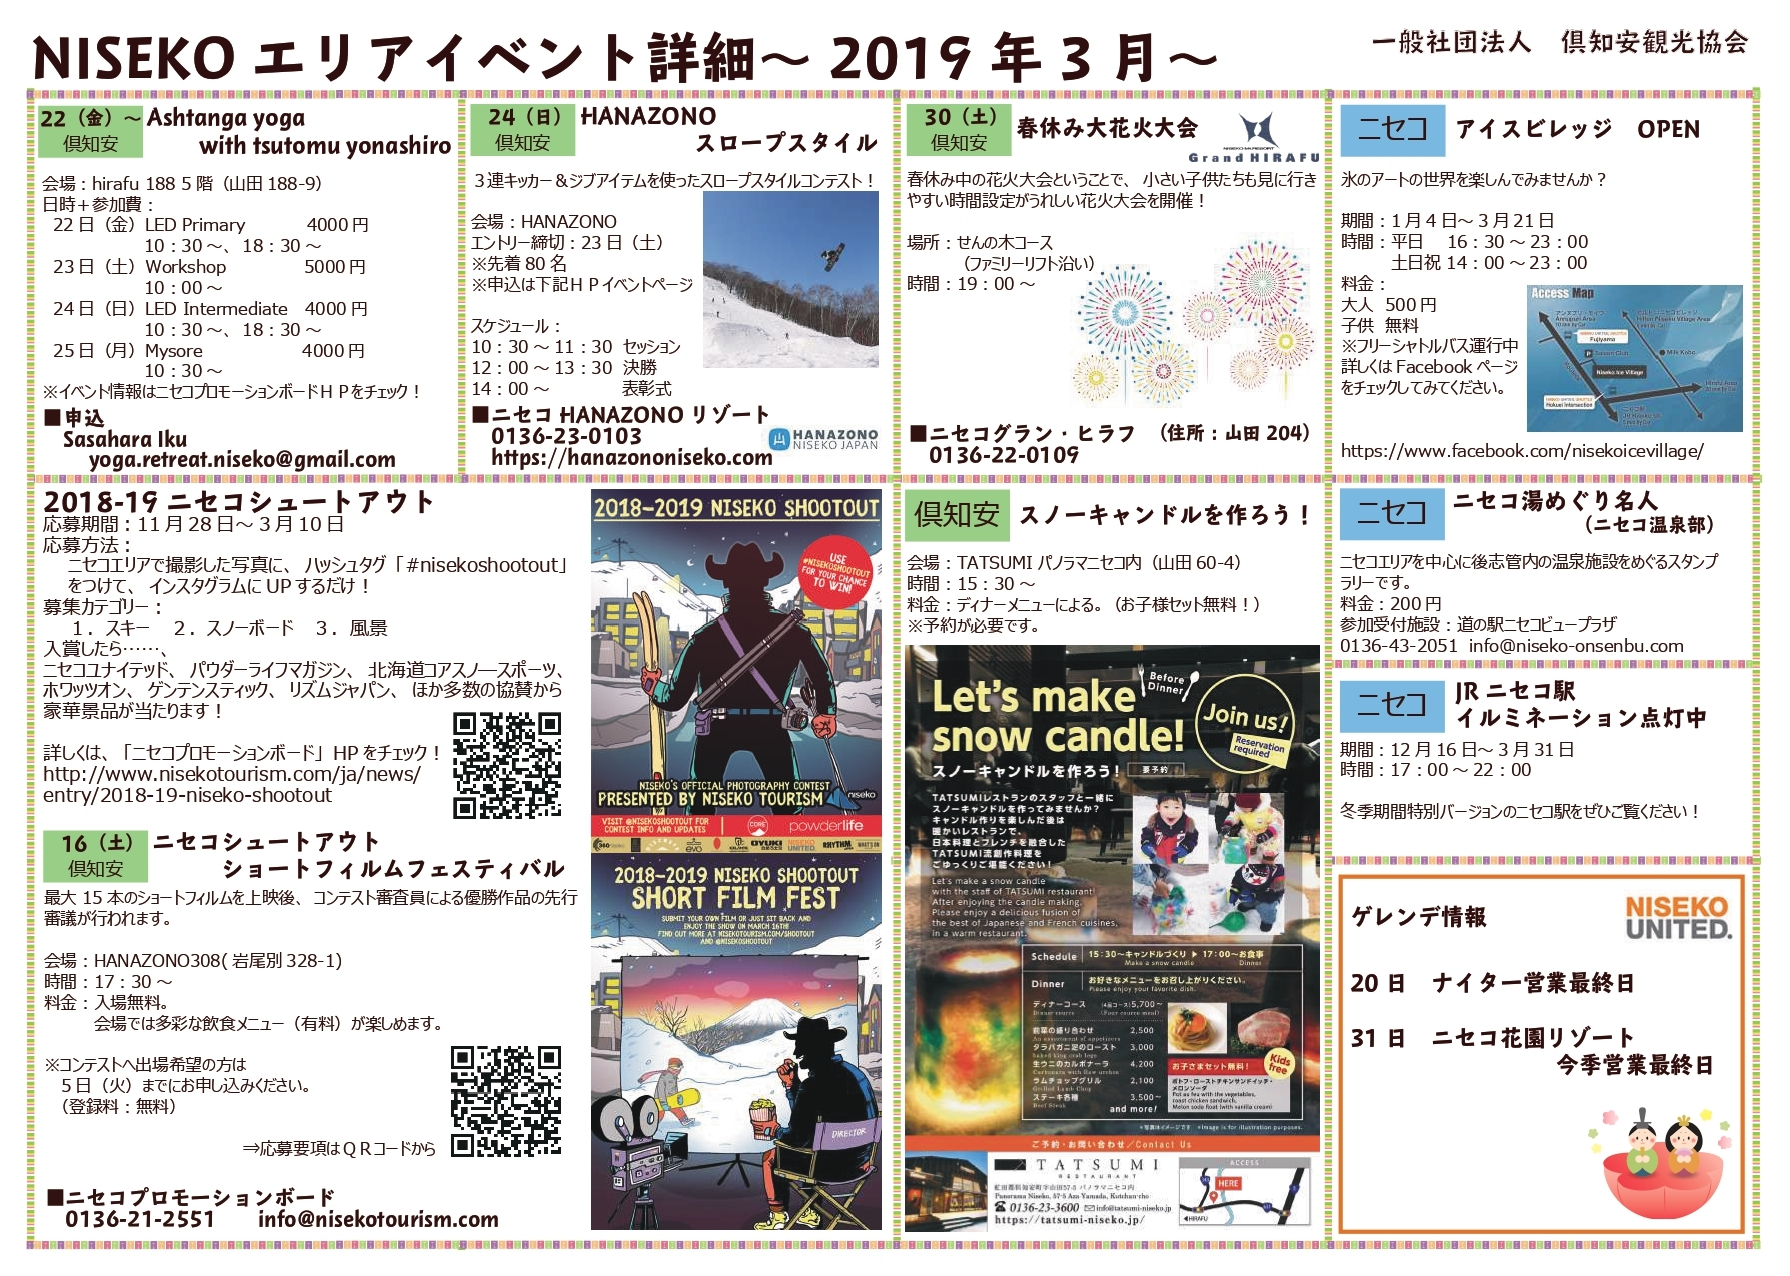 201903イベント詳細ー2 Compressed Pages To Jpg 0001 1